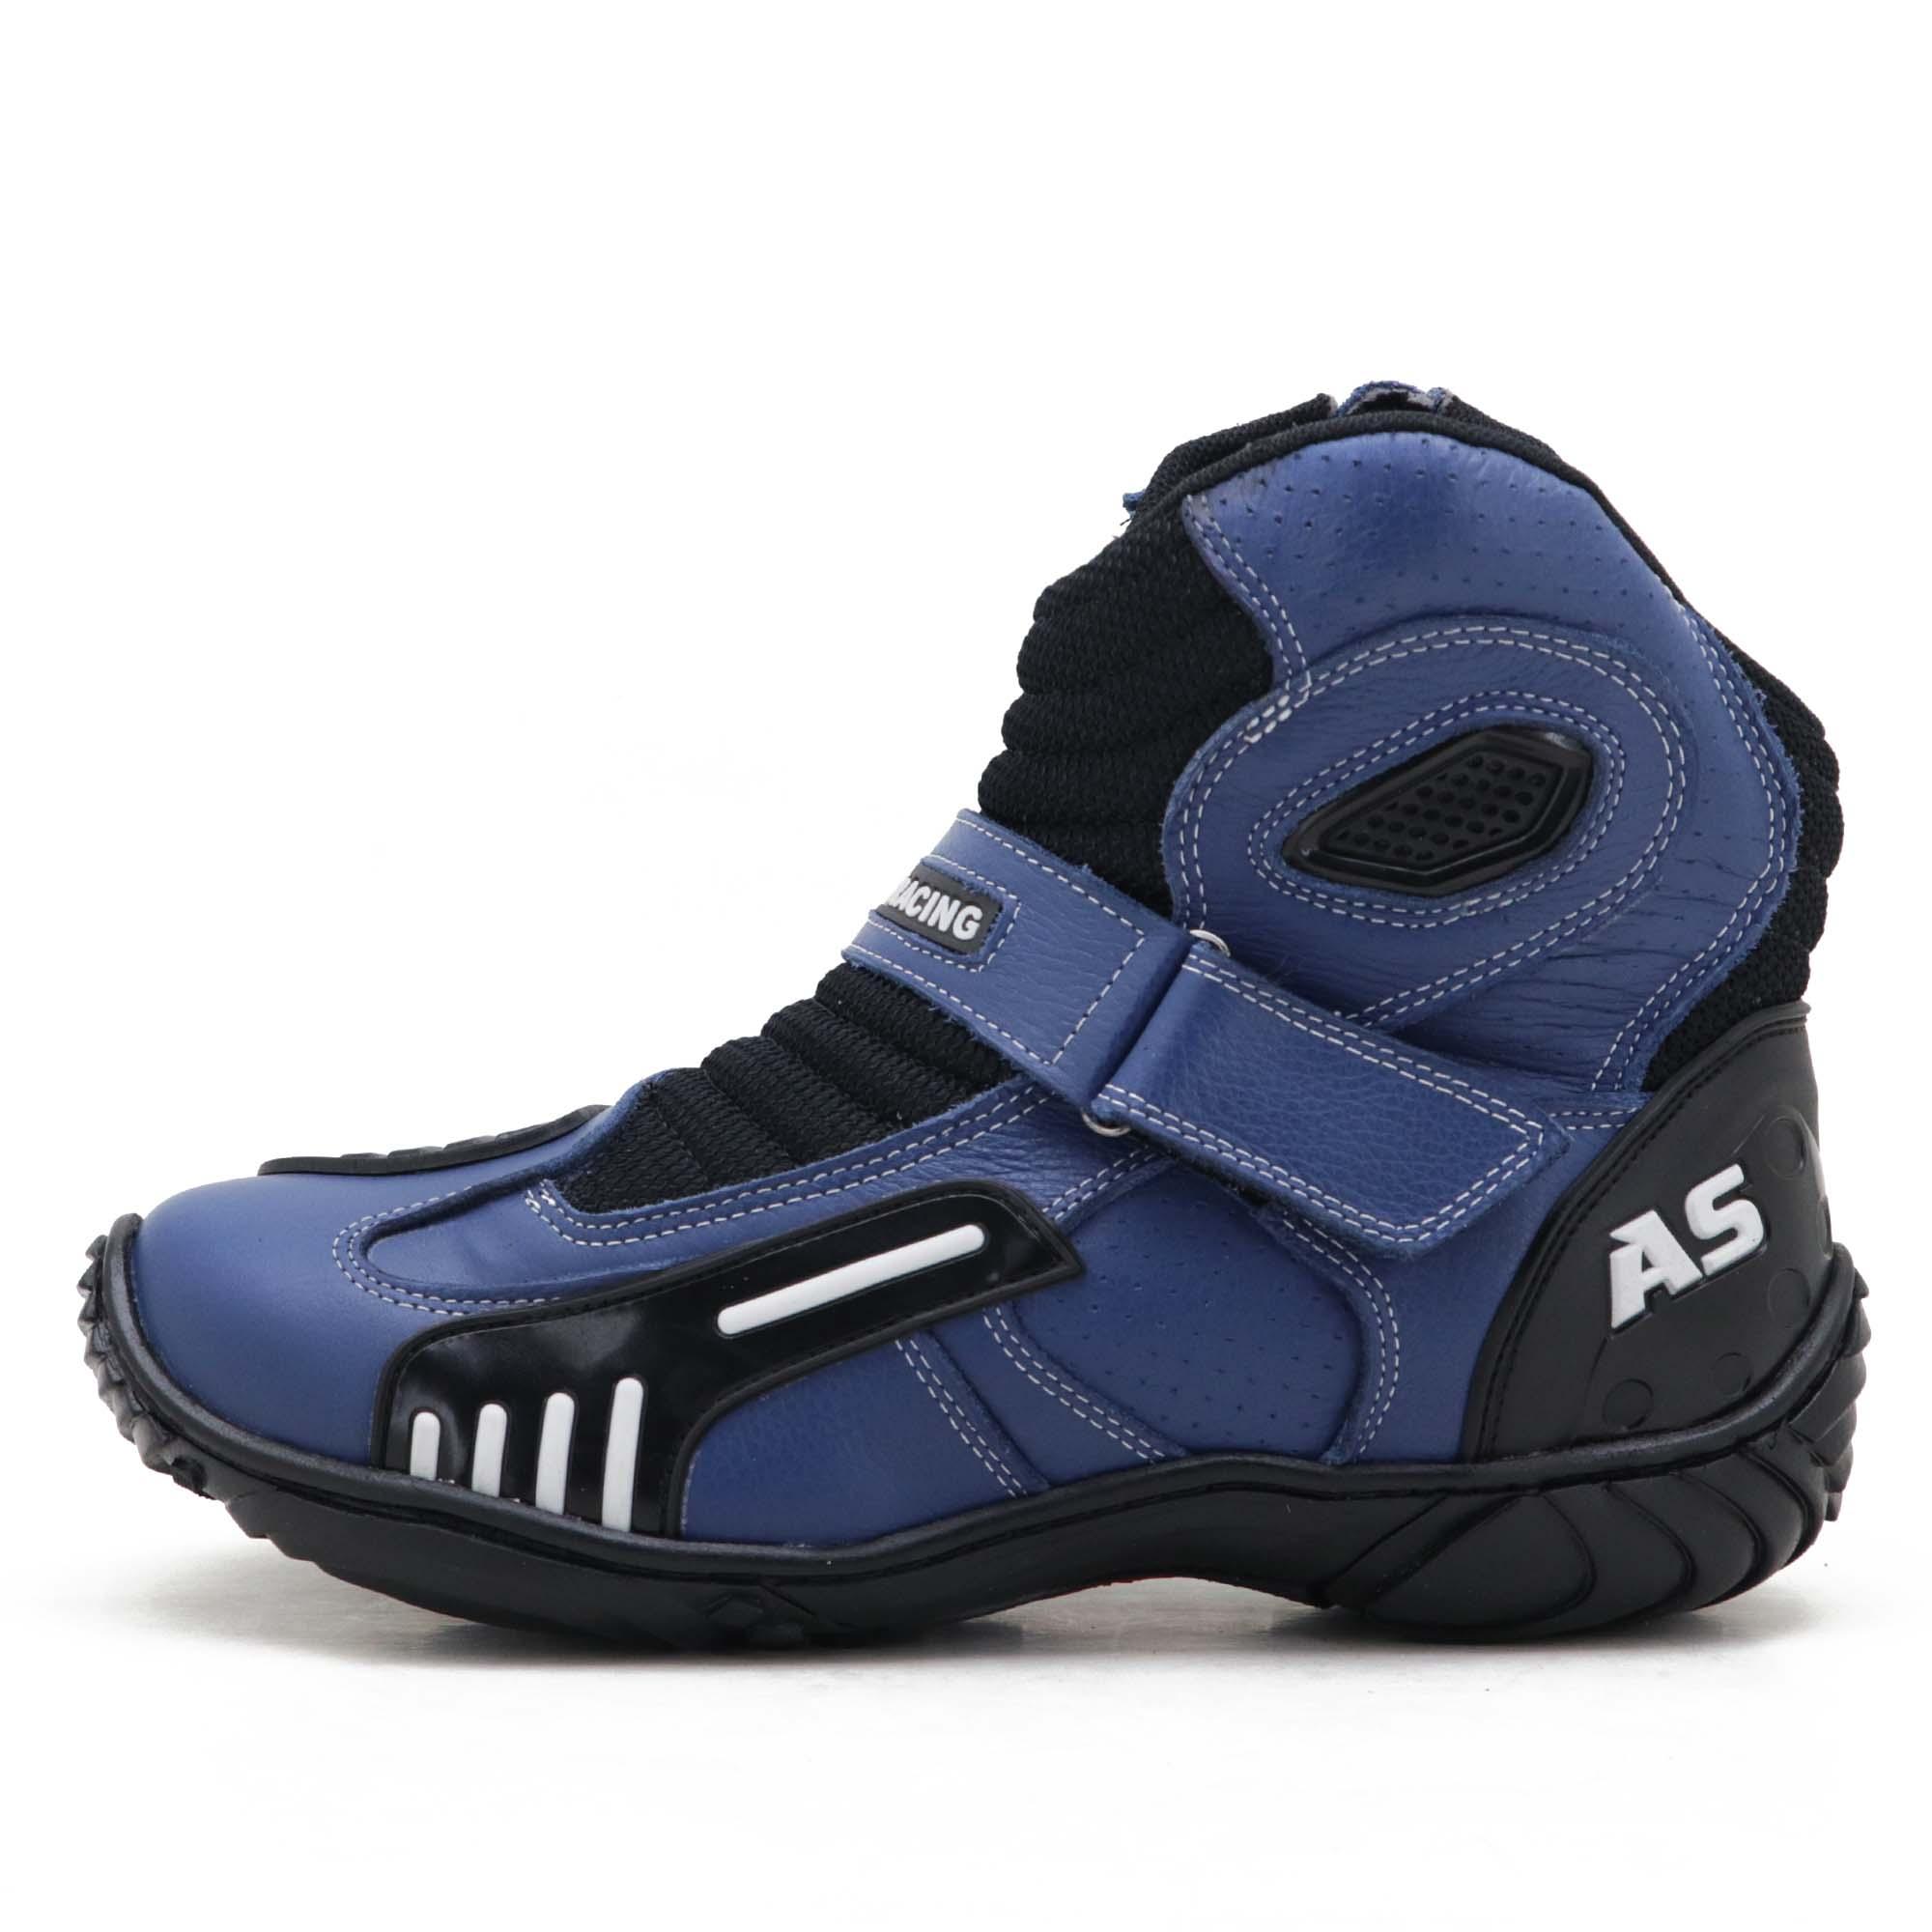 Bota motociclista AS-RACING Vented em couro legítimo na cor Azul